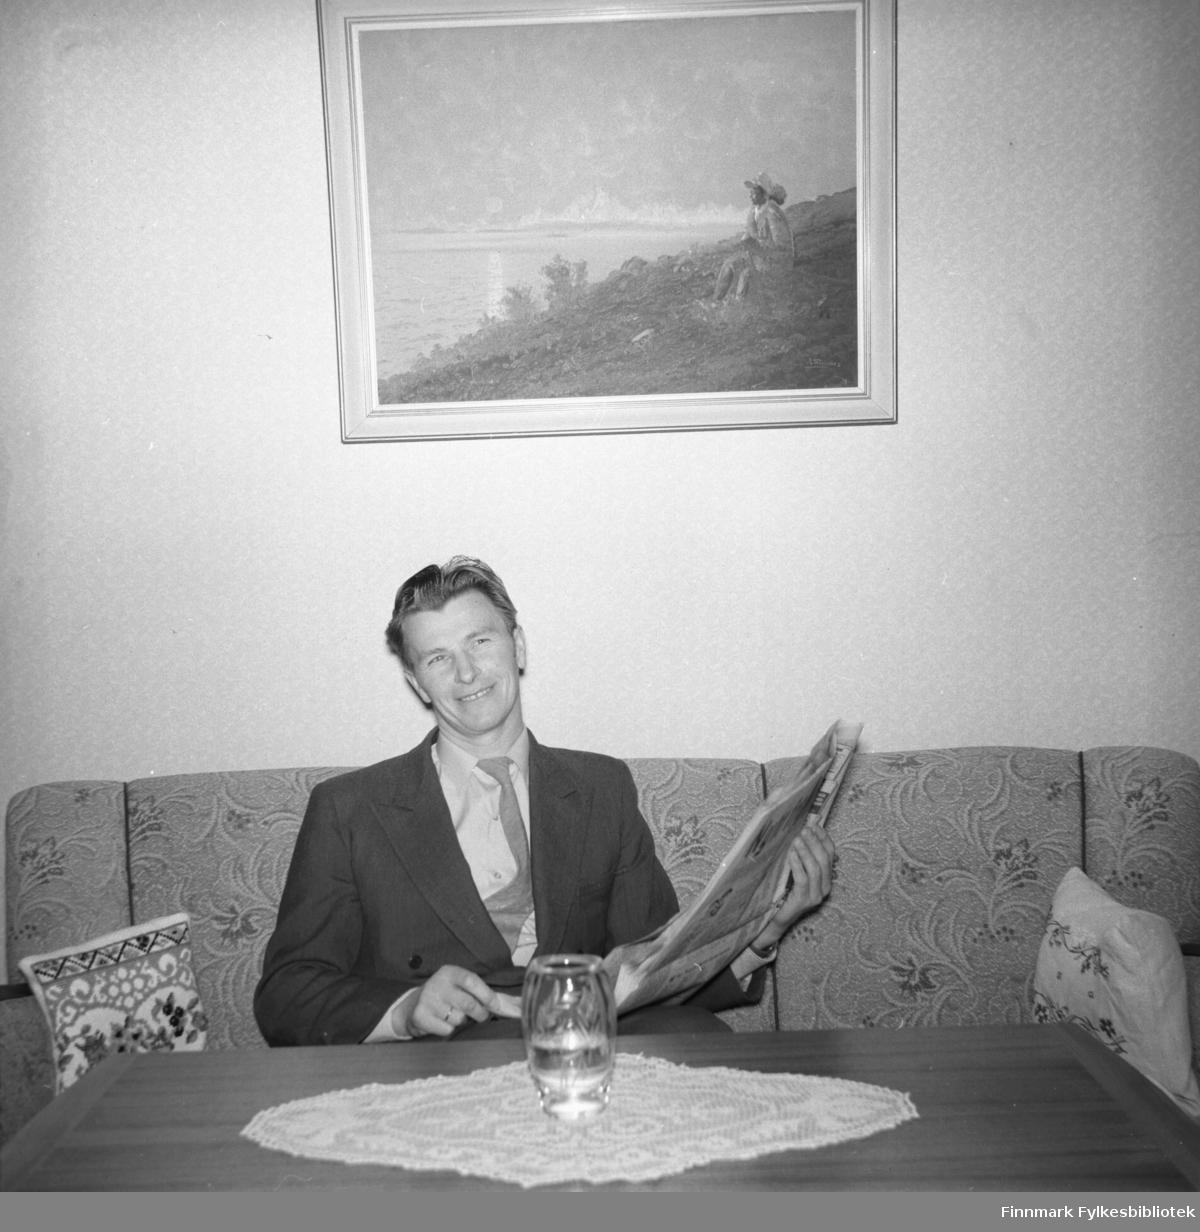 Eino Drannem sitter i sofaen og leser avisen hjemme i familiens leilighet.